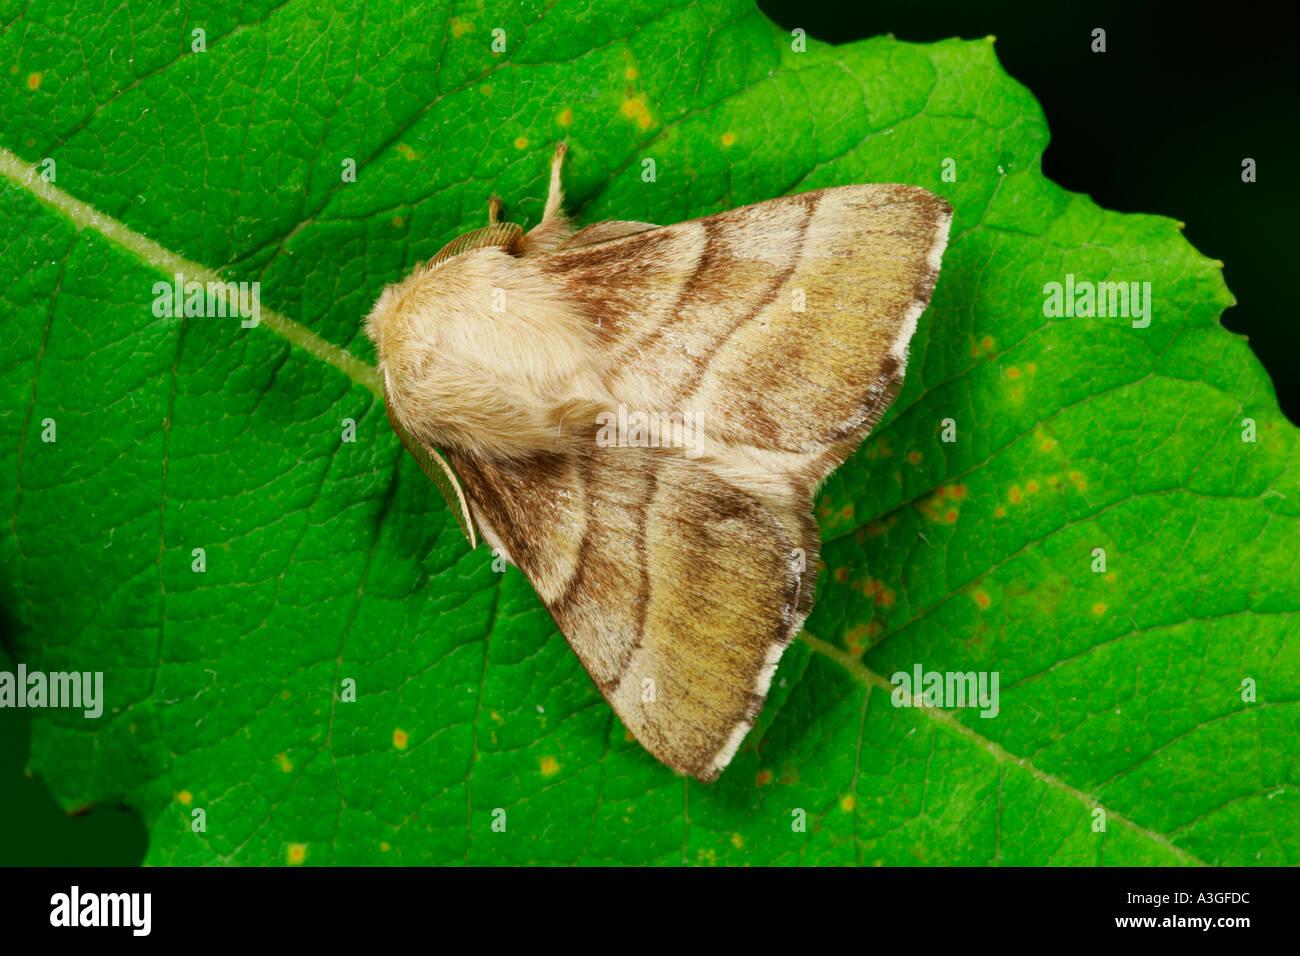 The Lackey (Malacosoma neustria) at rest on leaf potton bedfordshire - Stock Image